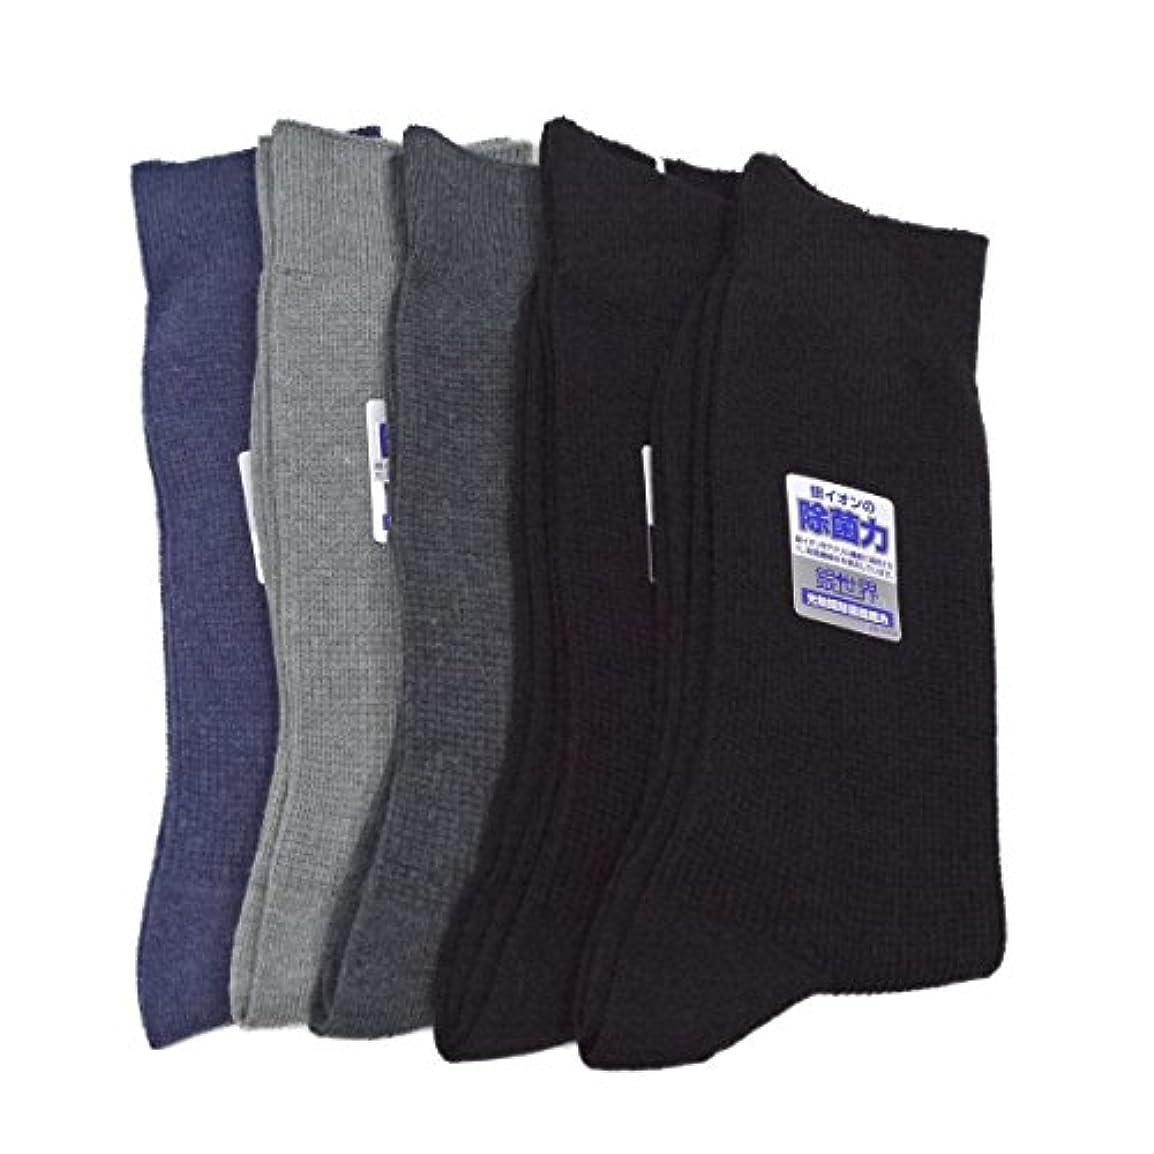 年齢住む無意味東洋紡 銀世界使用 日本製 銀イオンで除菌の靴下 リッチェル柄 アソート セット